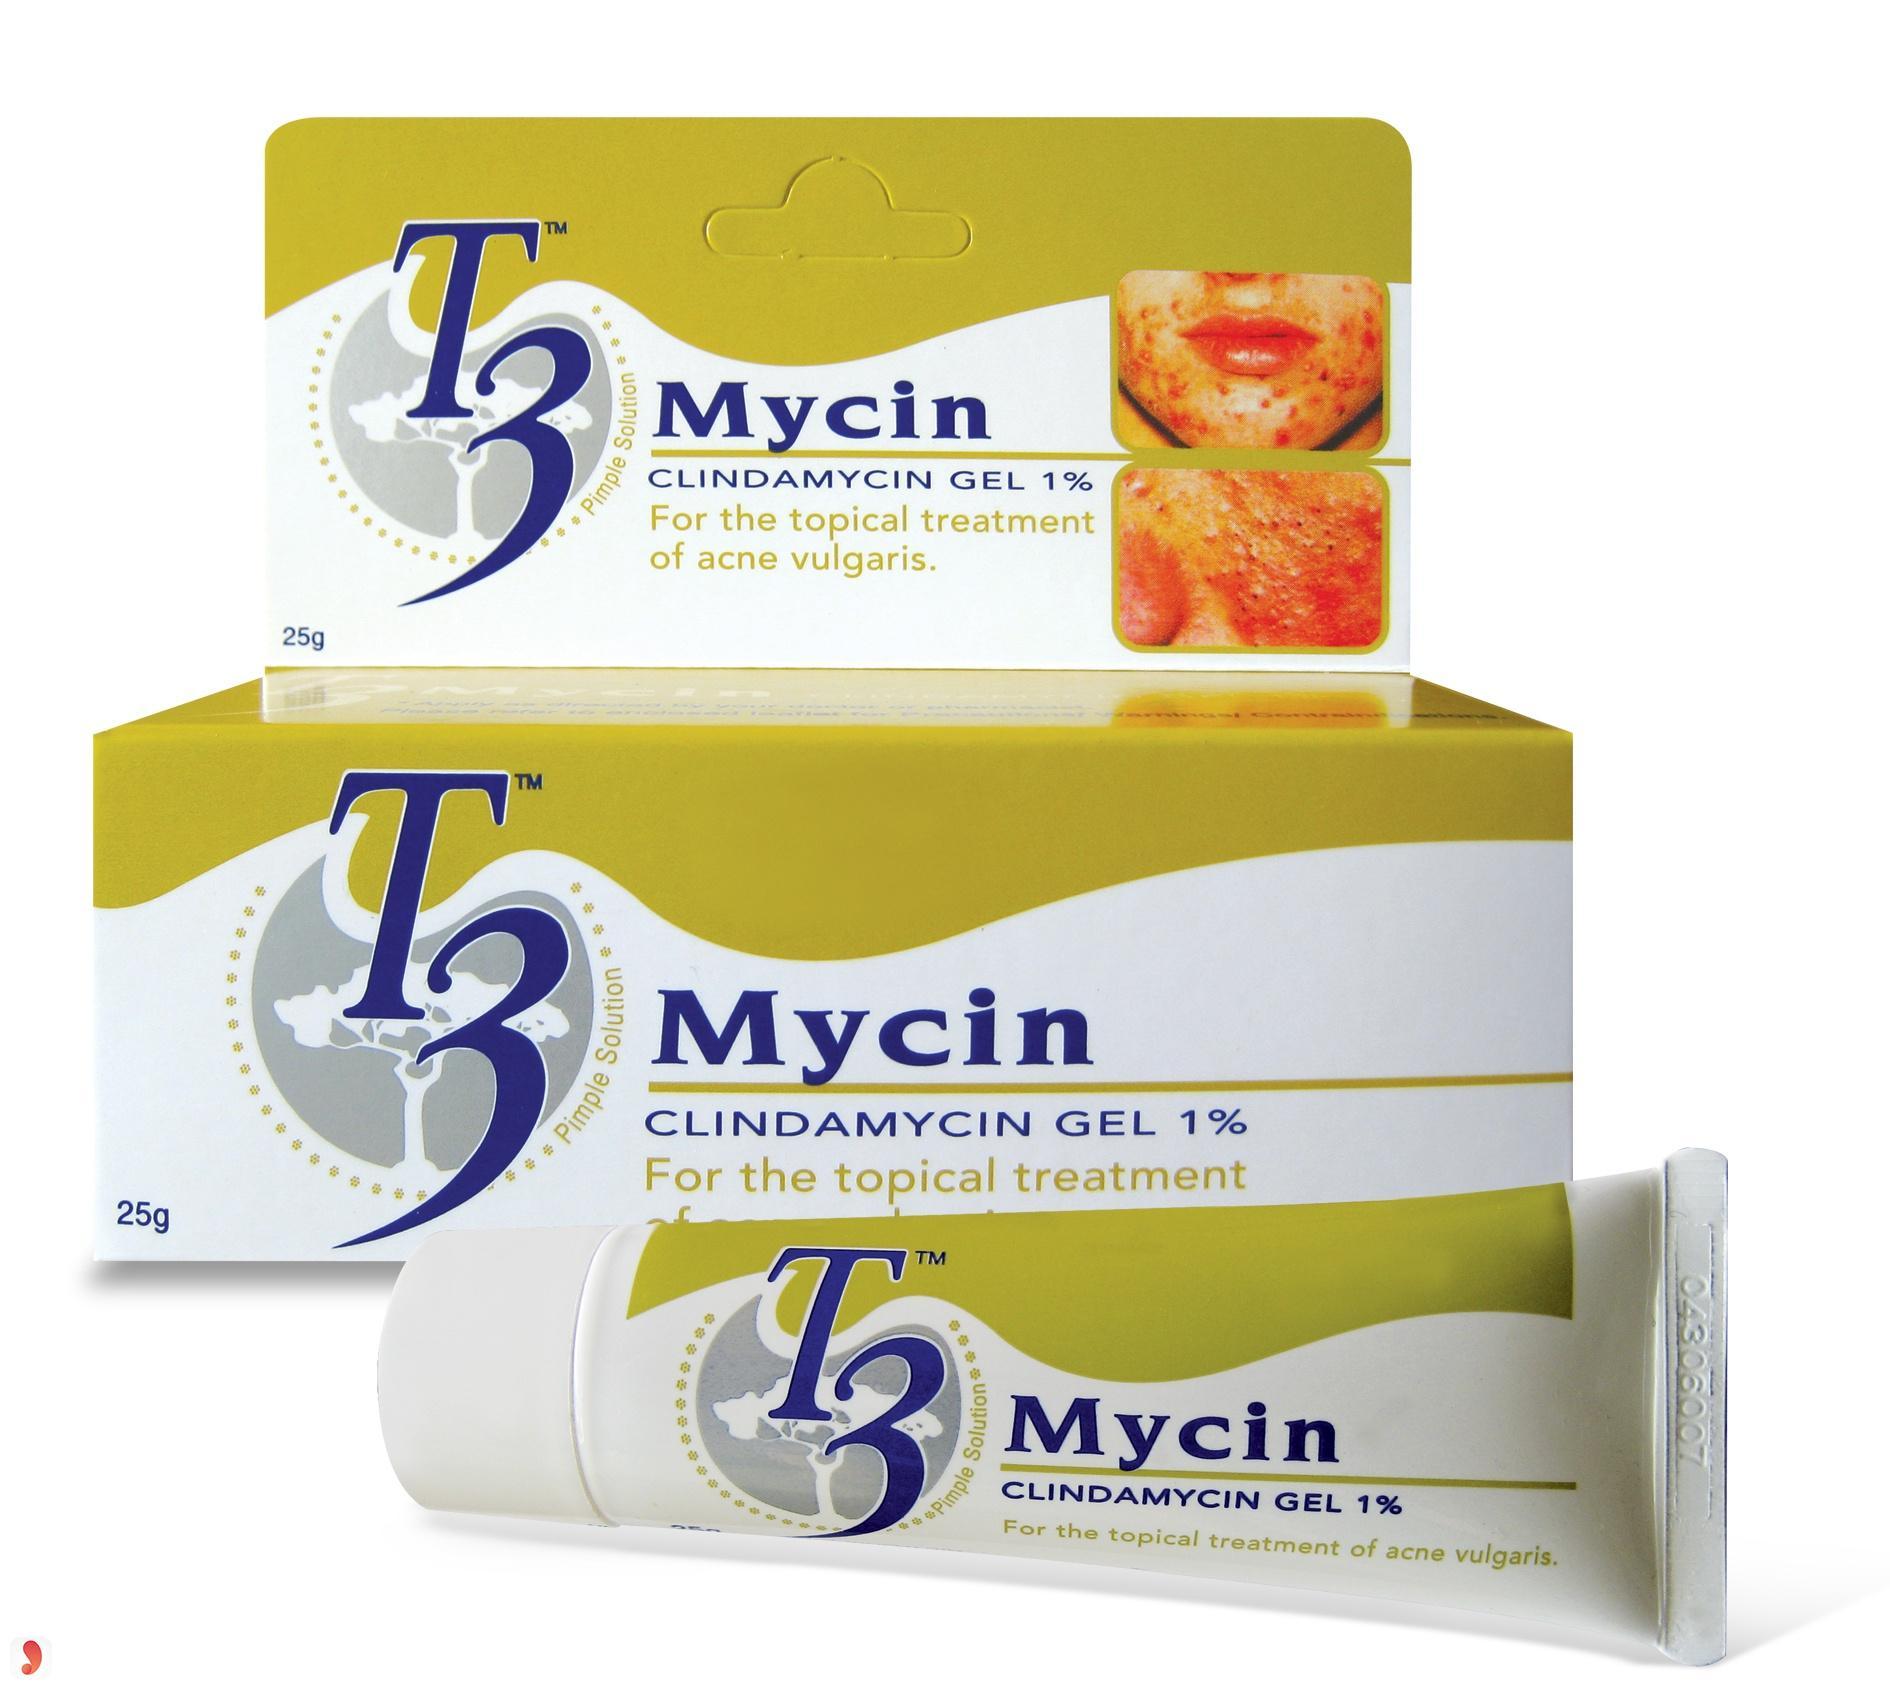 Kem trị mụn T3 Mycin